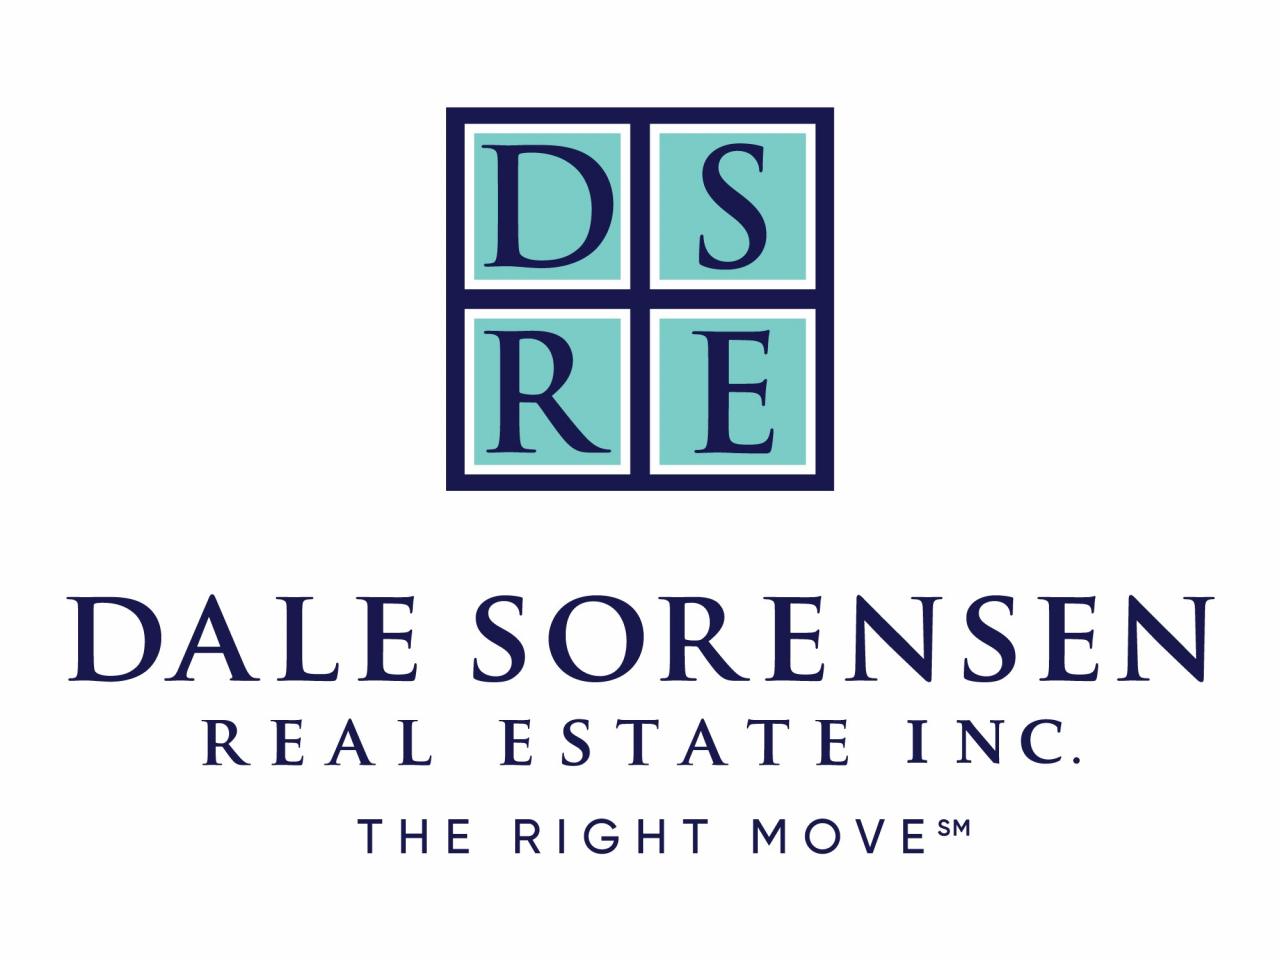 Dale Sorensen Real Estate (DSRE) logo